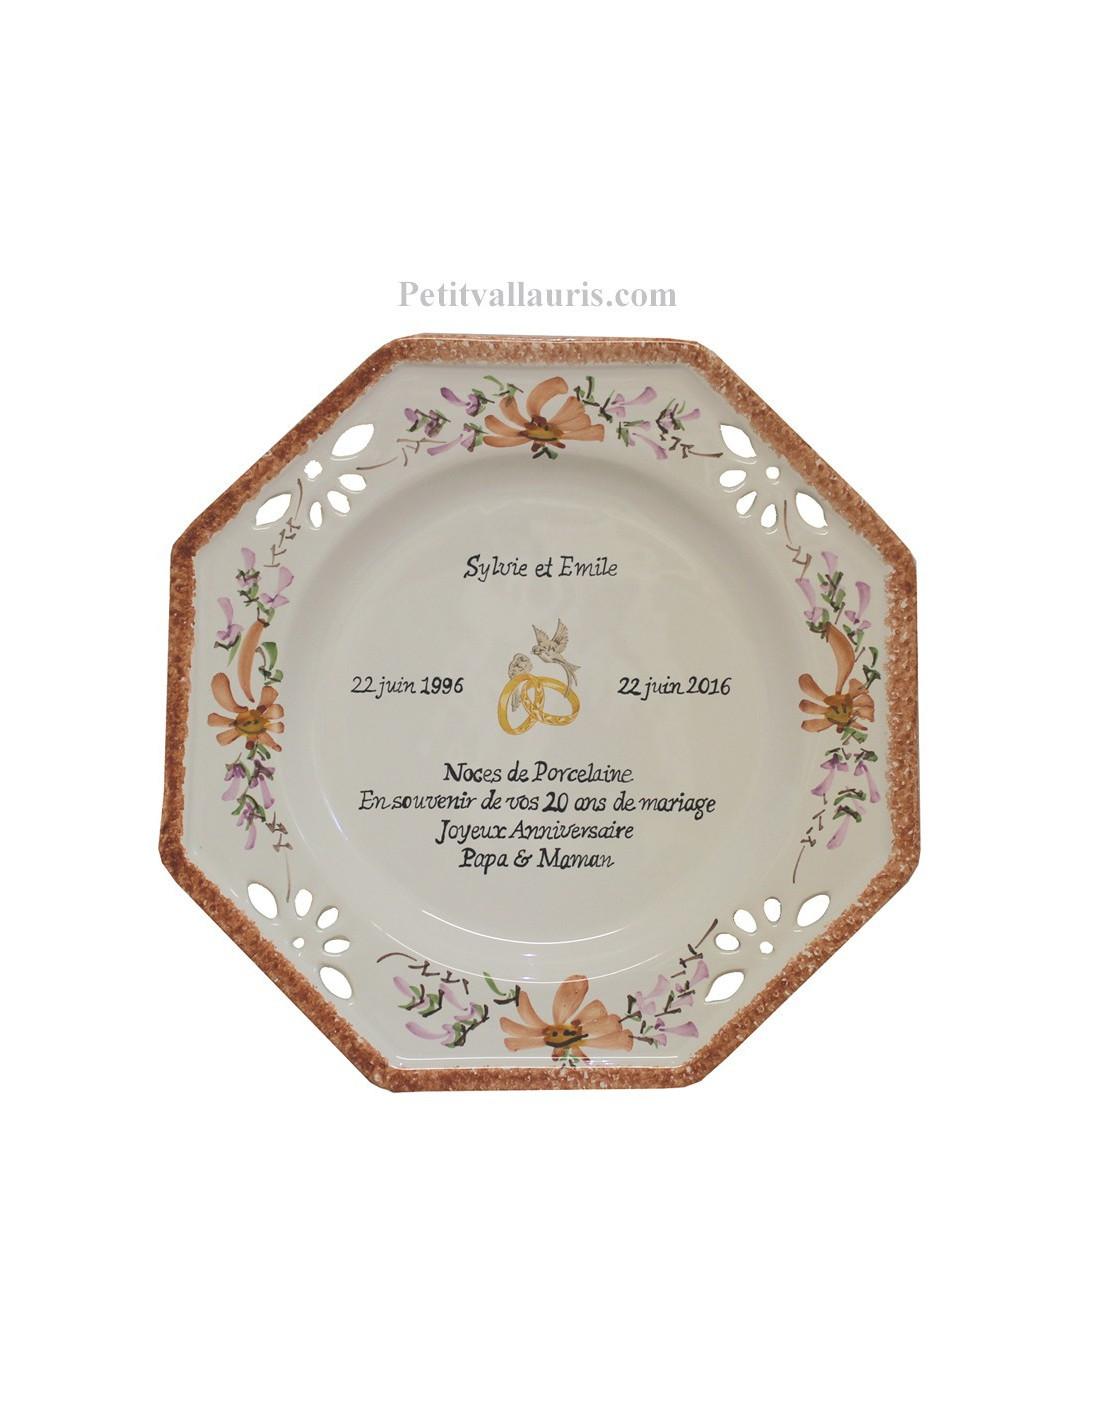 assiette de mariage octogonale d cor fleurs saumons avec po me noces d 39 or le petit vallauris. Black Bedroom Furniture Sets. Home Design Ideas